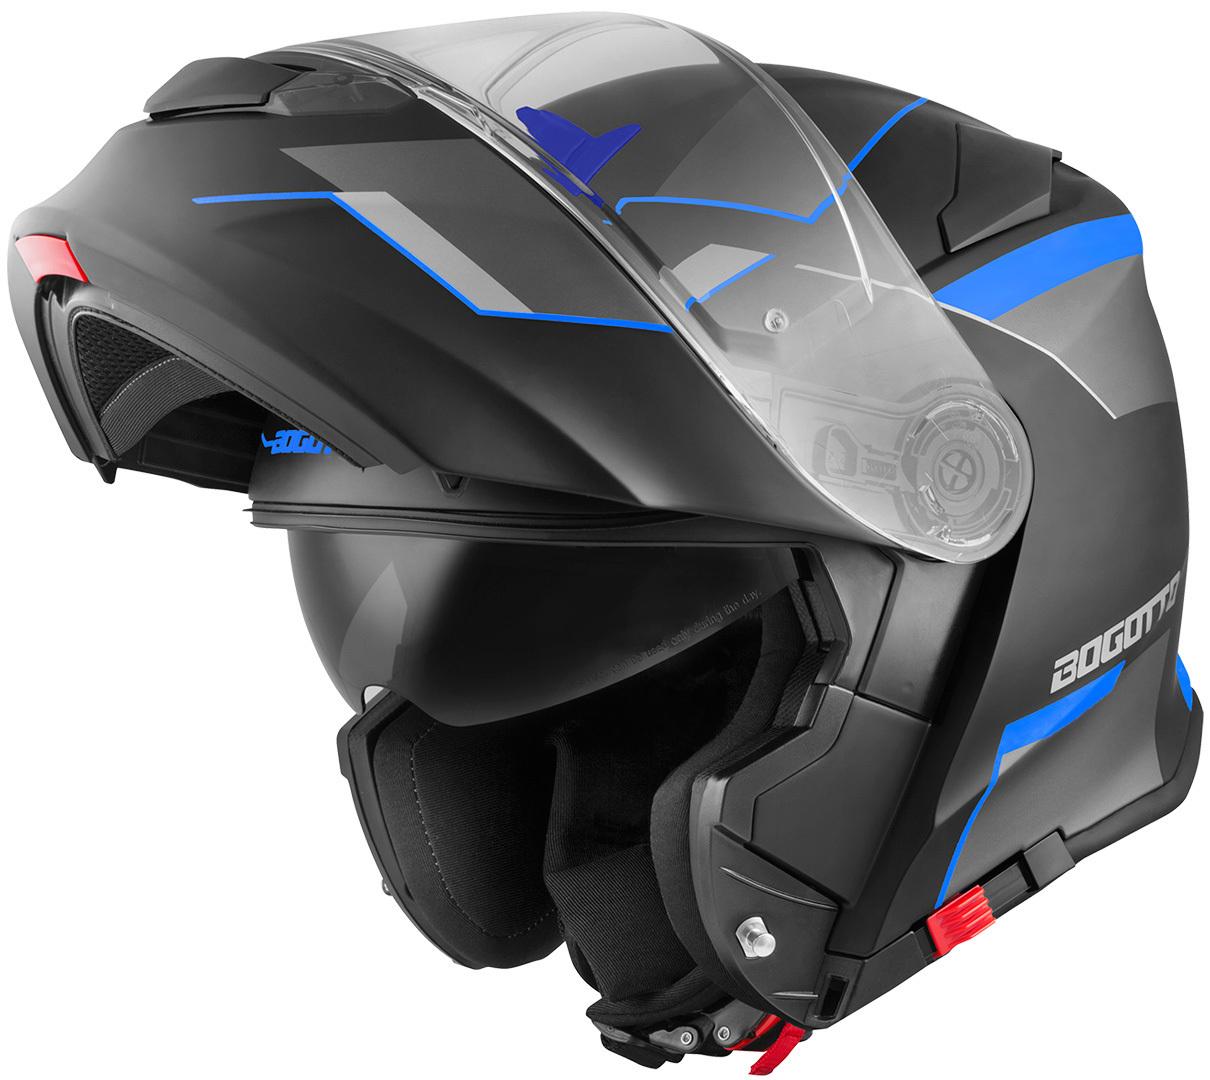 Bogotto V271 Delta Klapphelm, schwarz-blau, Größe 2XL, schwarz-blau, Größe 2XL